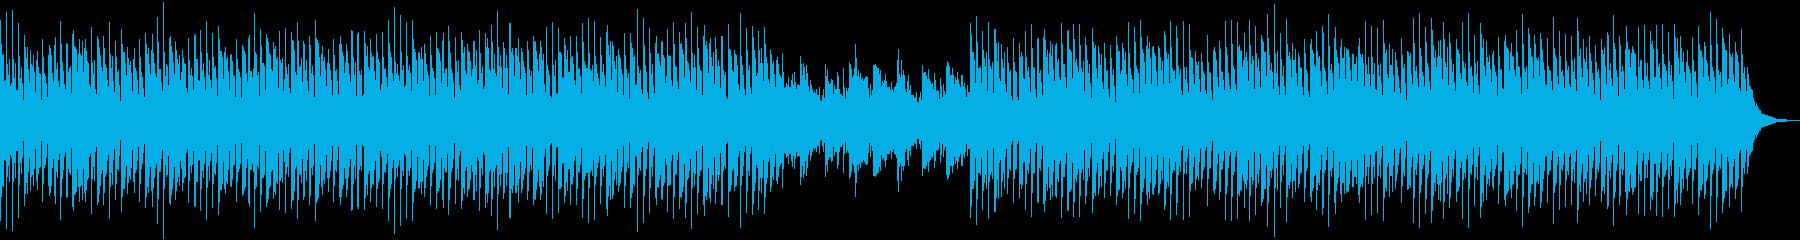 教育・科学・テクノロジー・テクノポップの再生済みの波形